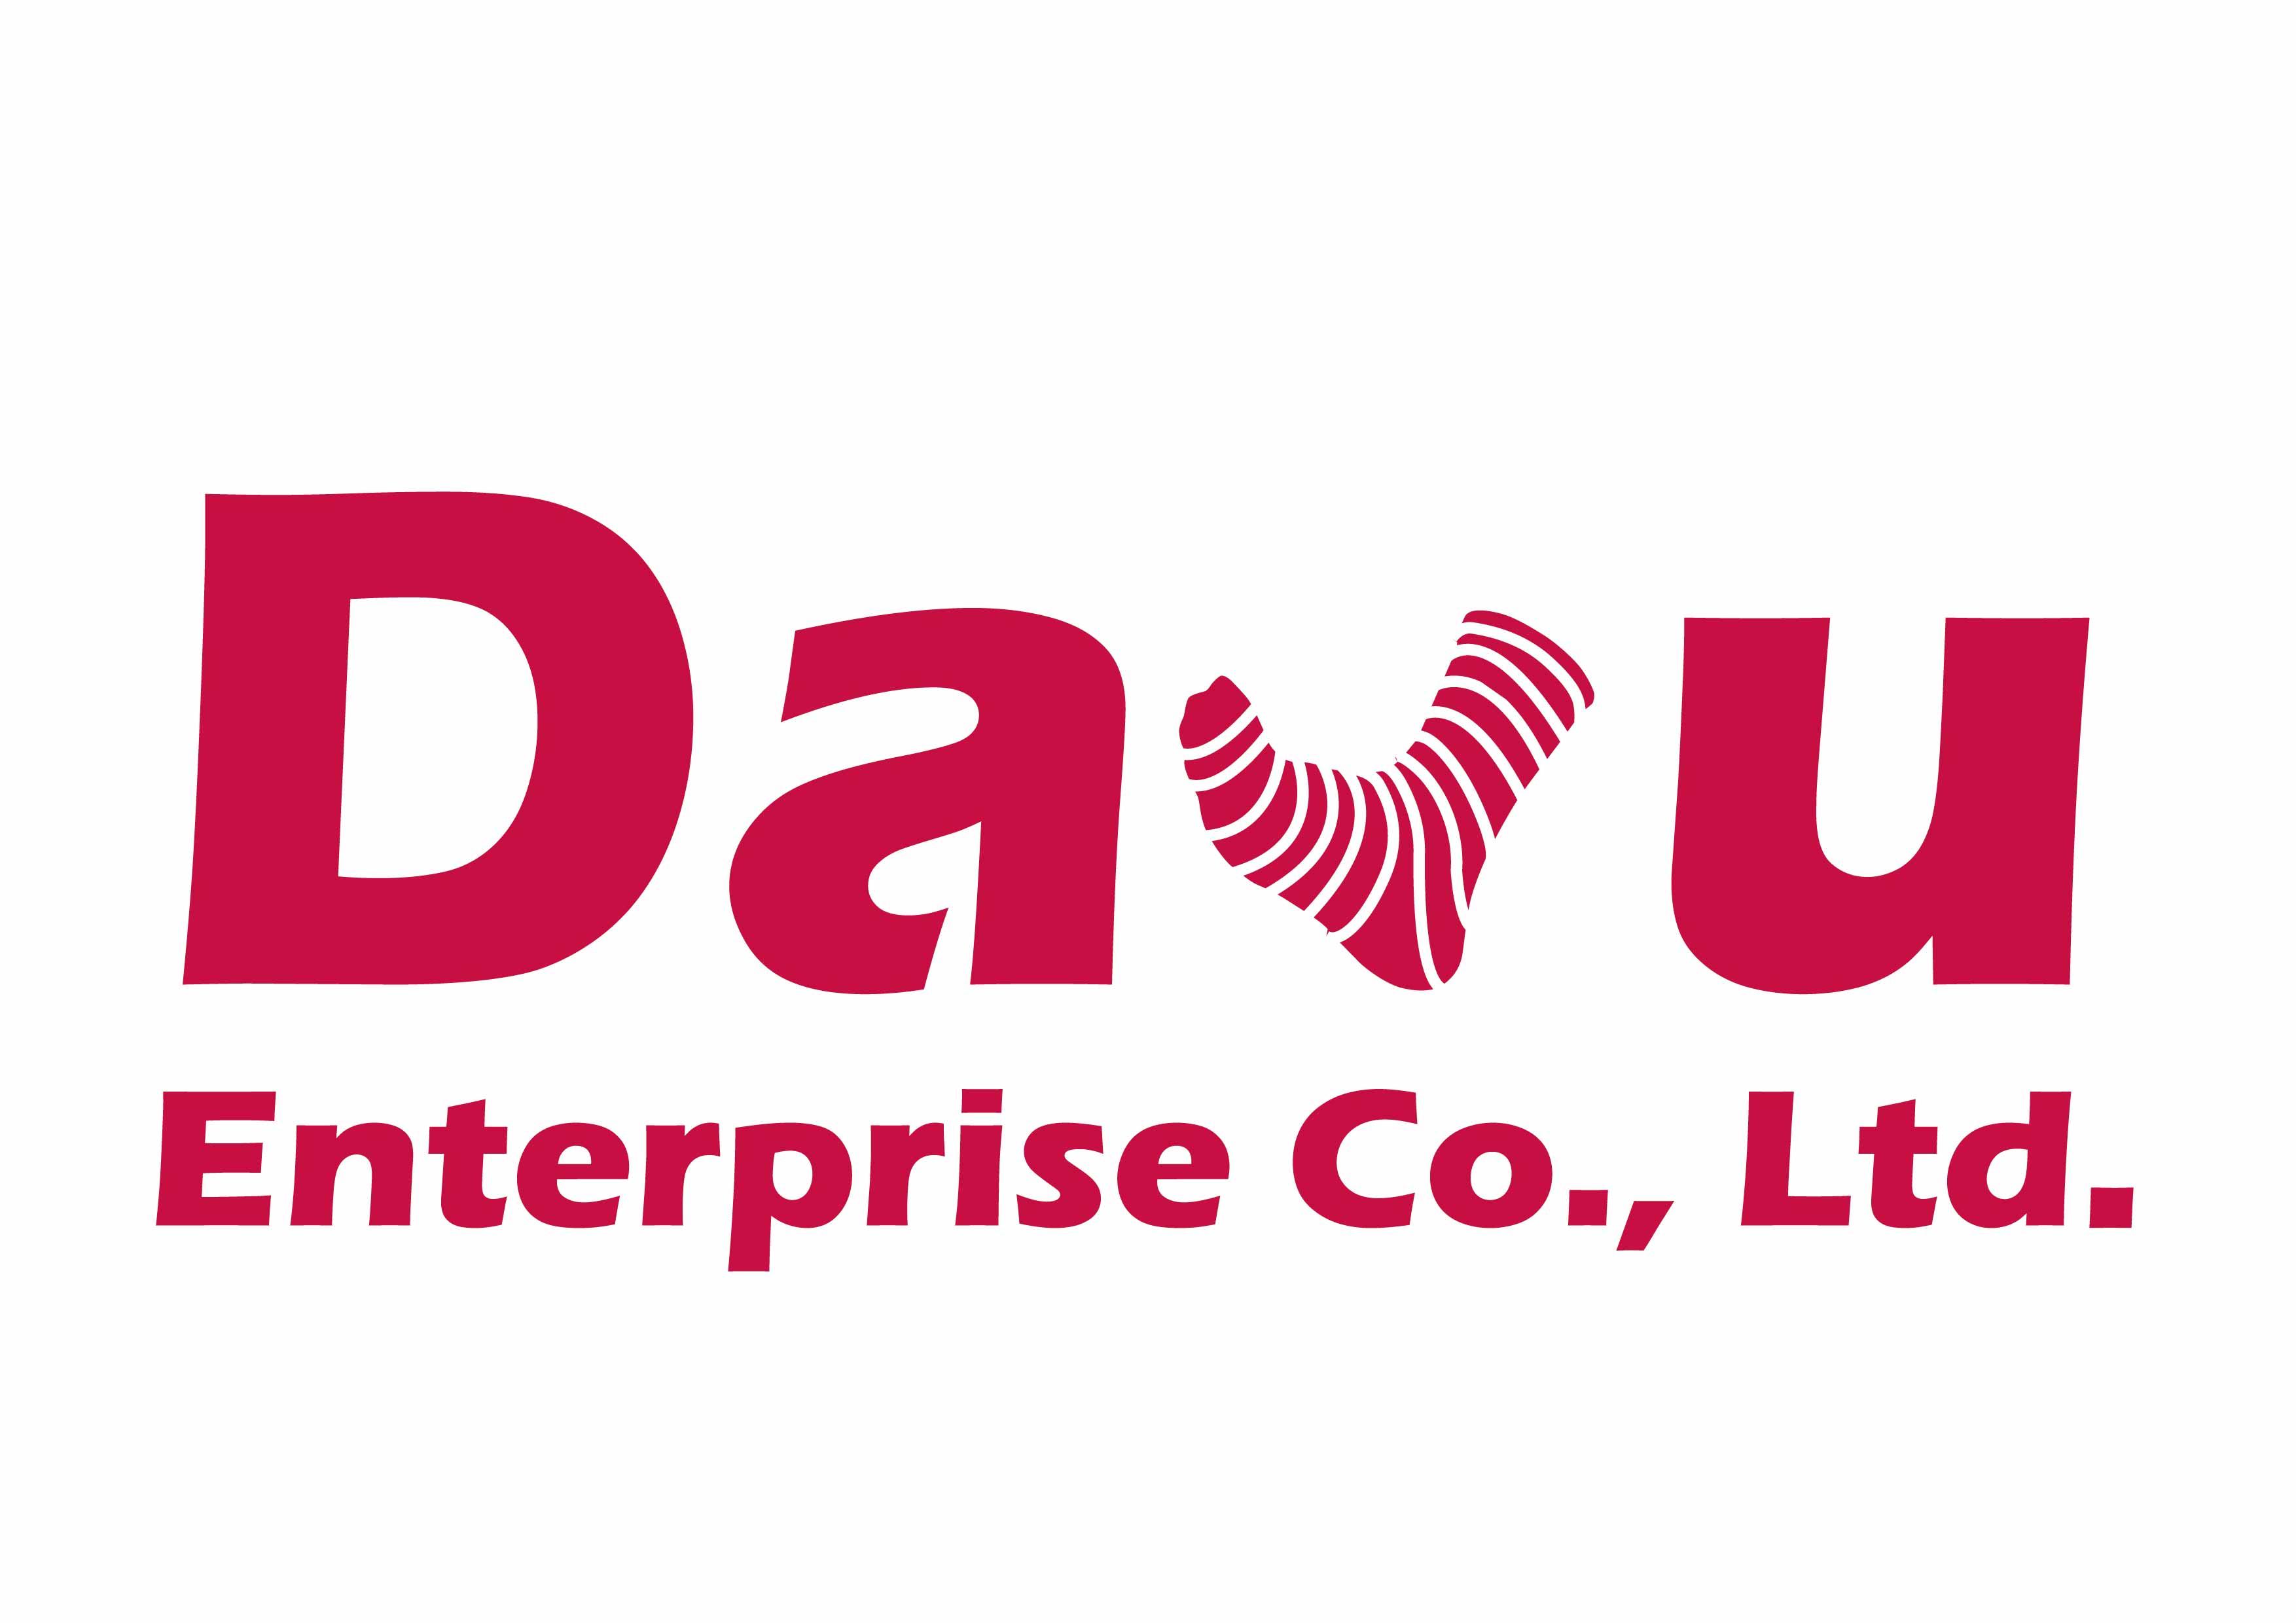 DA YU ENTERPRISE CO., LTD